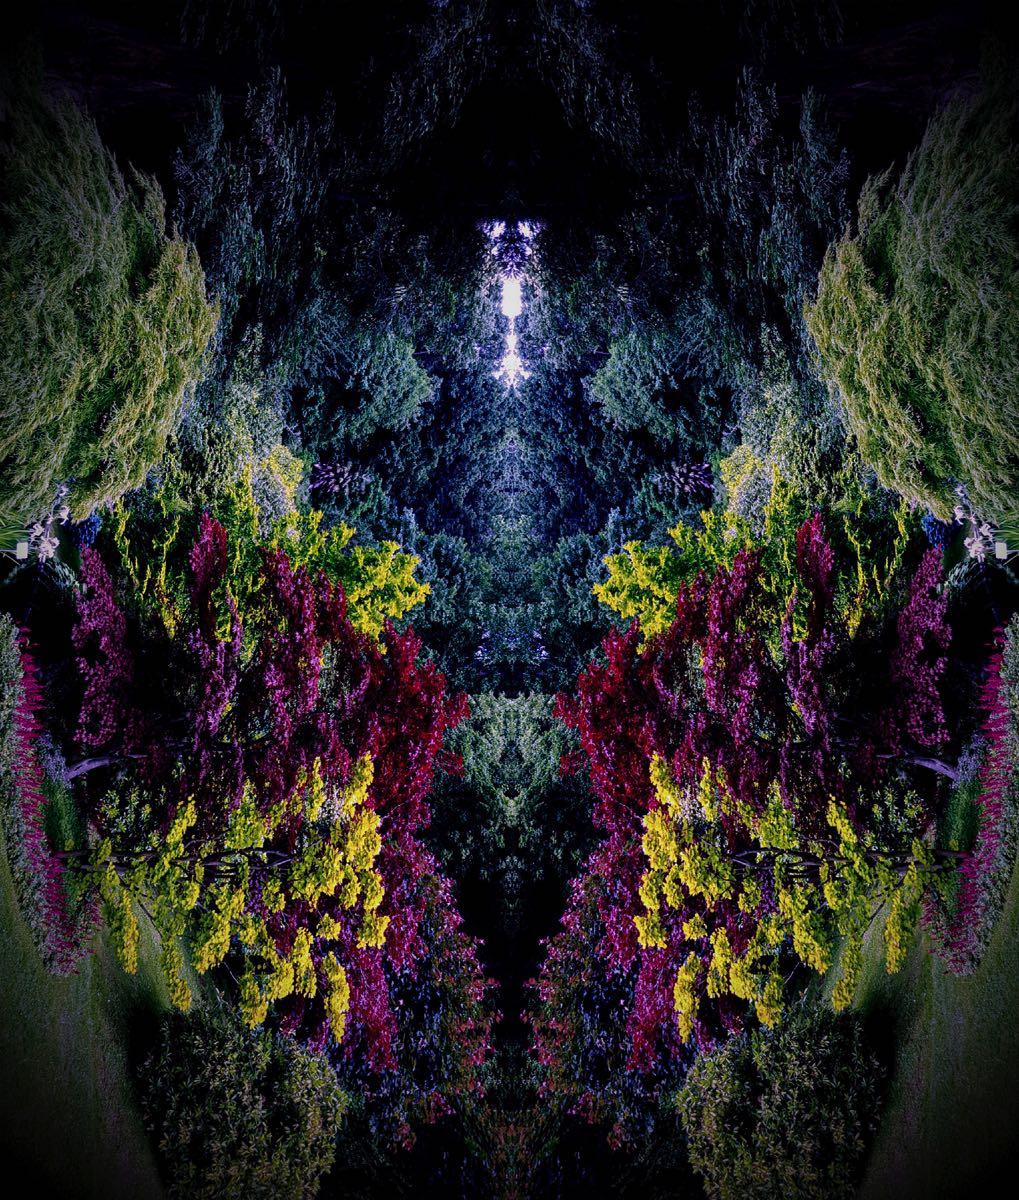 Subconscious - Flower Creatures #12 (34x40 cm) - Print on cotton paper 2020